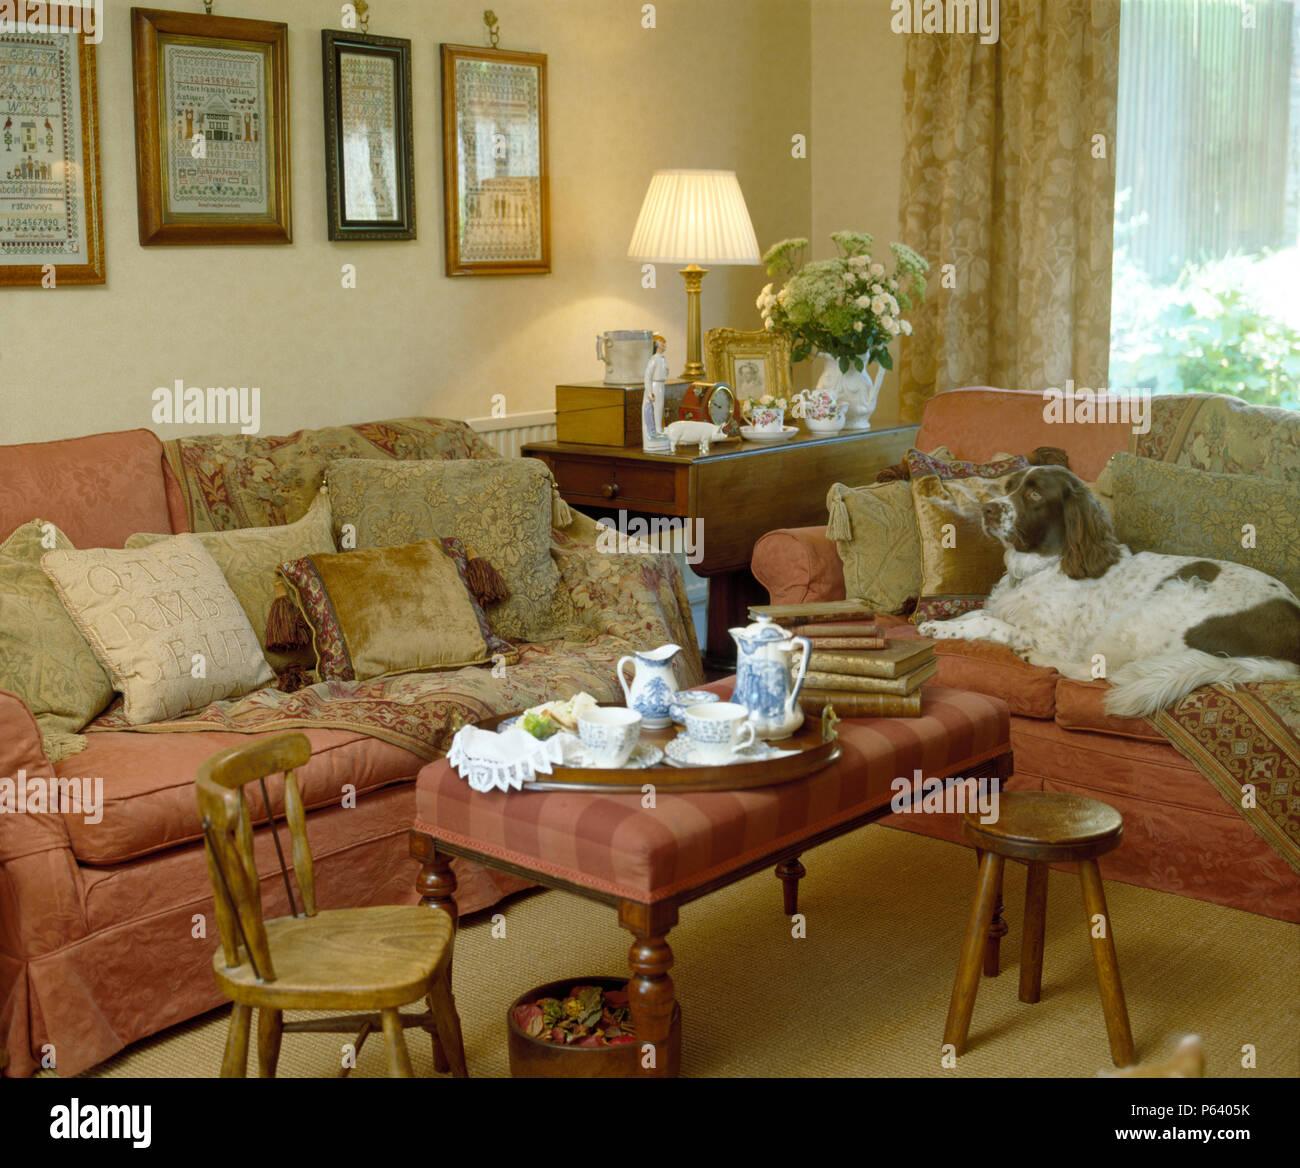 Gemütliches Wohnzimmer mit Kaffee auf gepolsterten Hocker ...